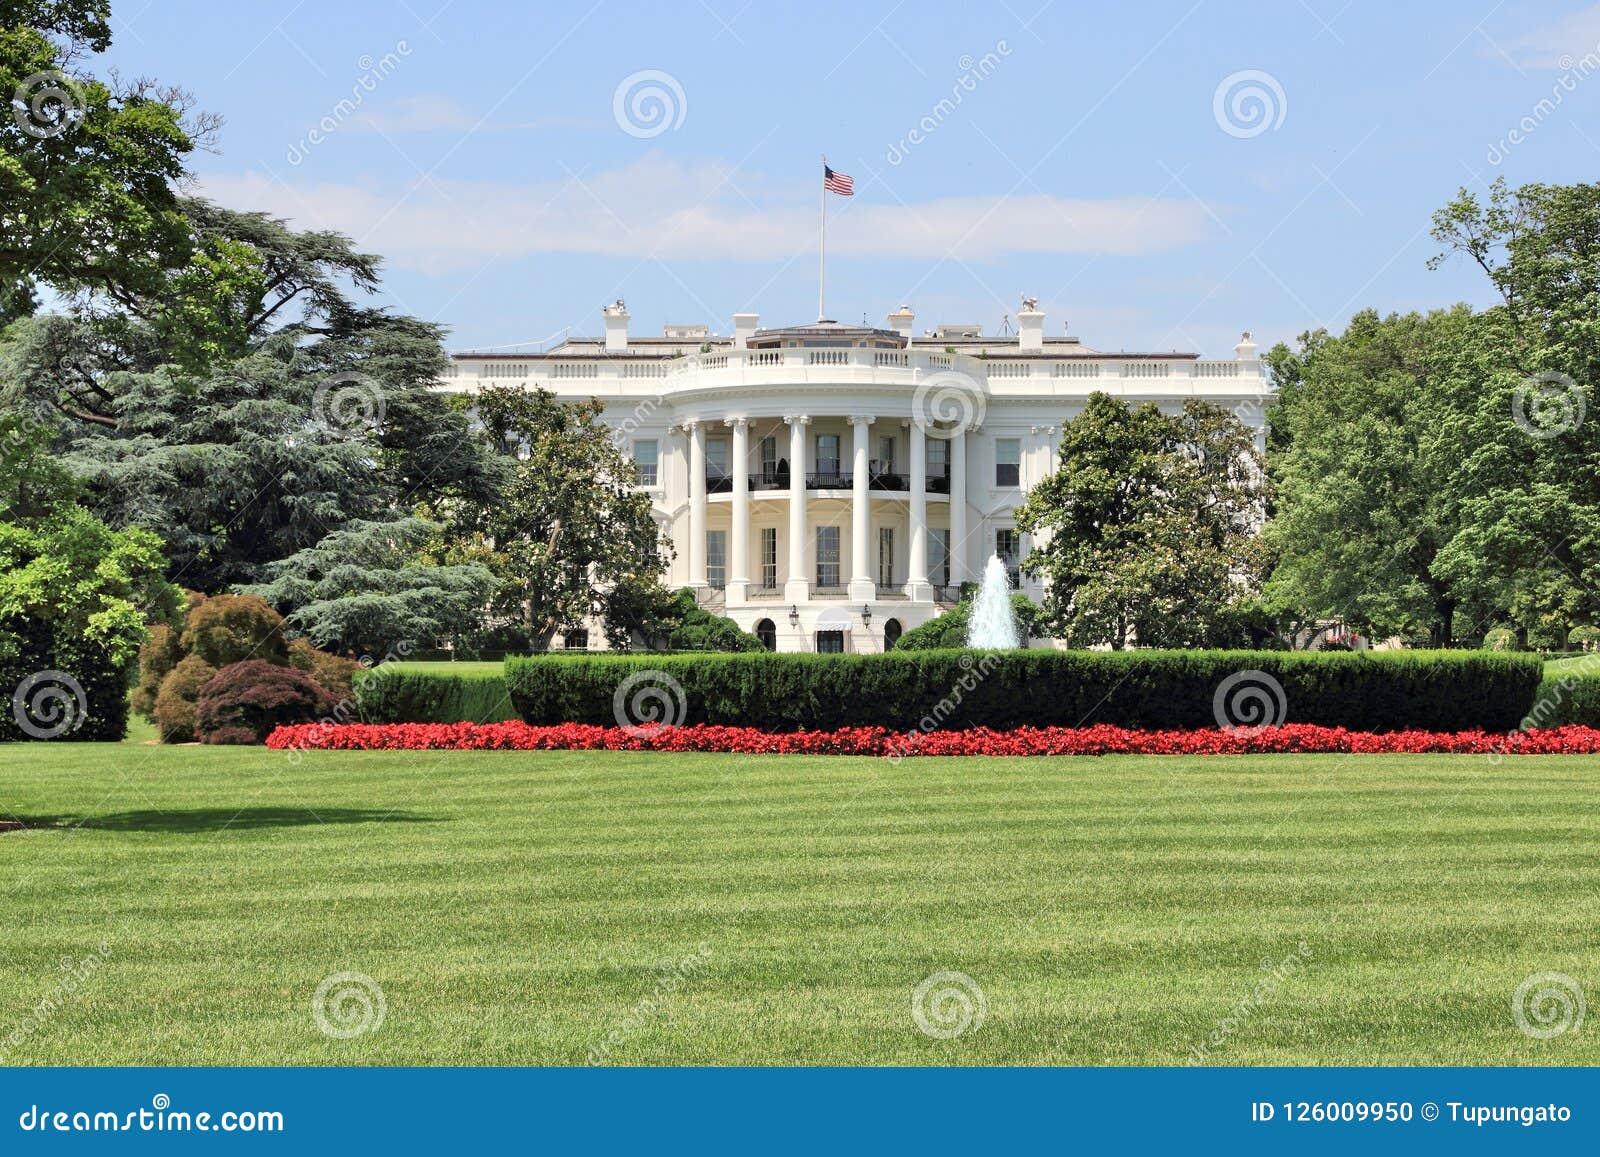 Das Weiße Haus USA